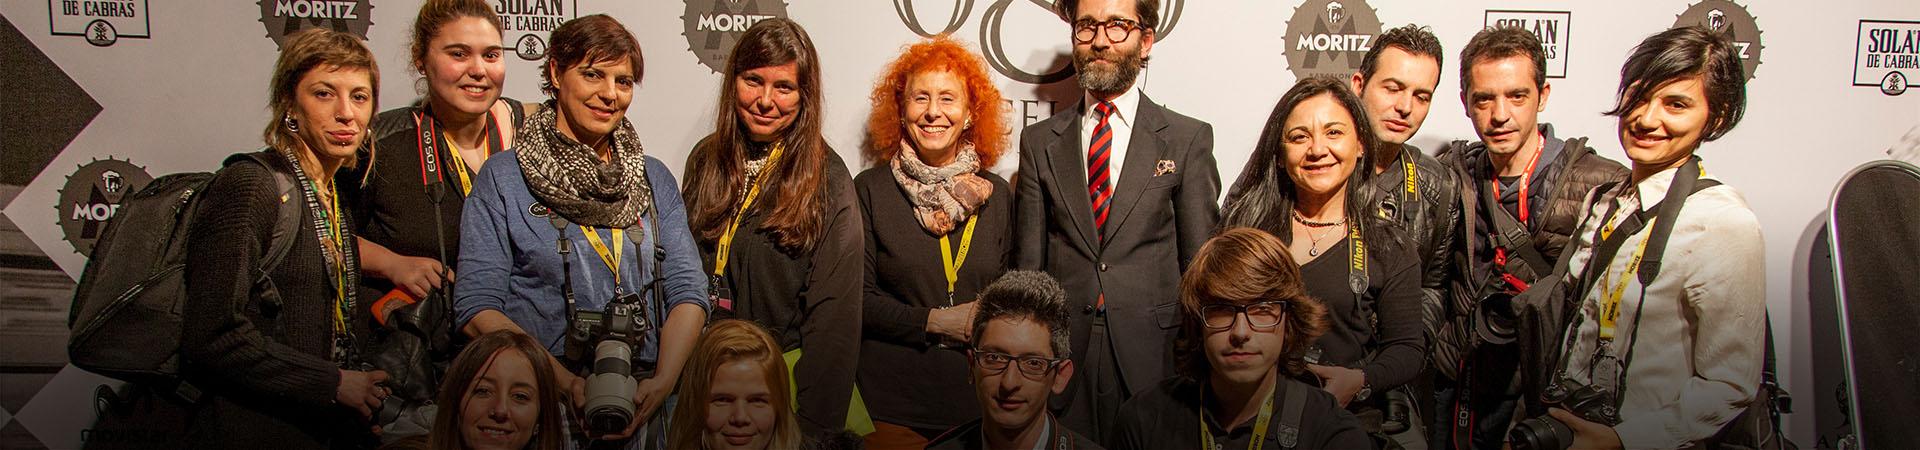 Alumnes del Curs d'Especialització en Fotografia de Moda de l'IEFC amb la professora Fina Lunes, Miquel Malaspina, Secretari del Modafad, i Tatiana de la Fuente, executive manager del Modafad.